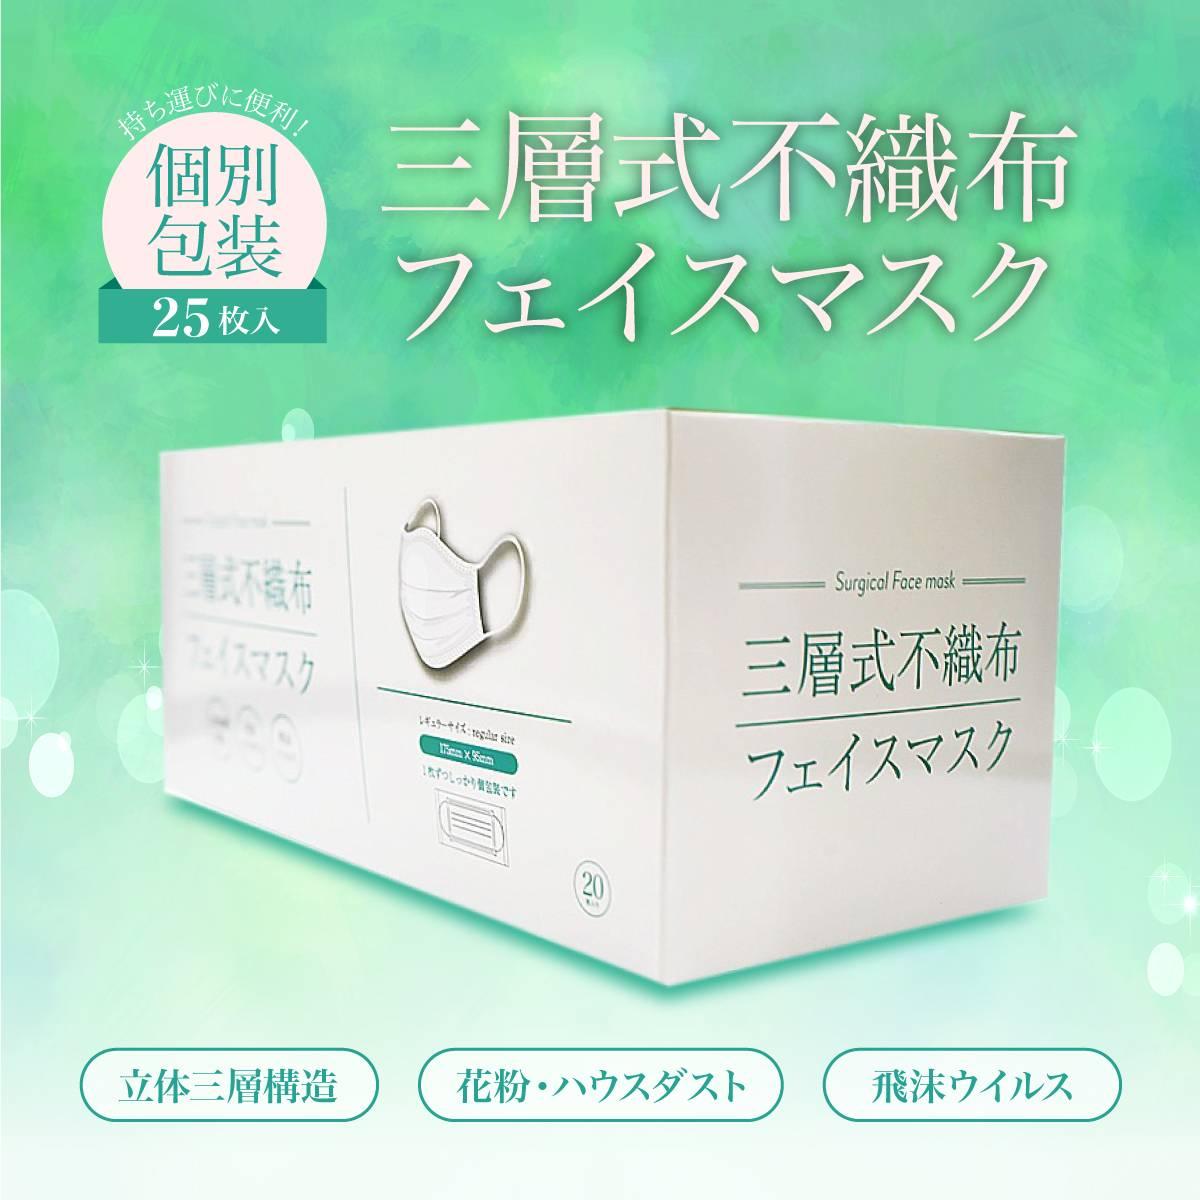 【個別包装】三層式 不織布フェイスマスク 25枚入り ホワイト 持ち運びに便利